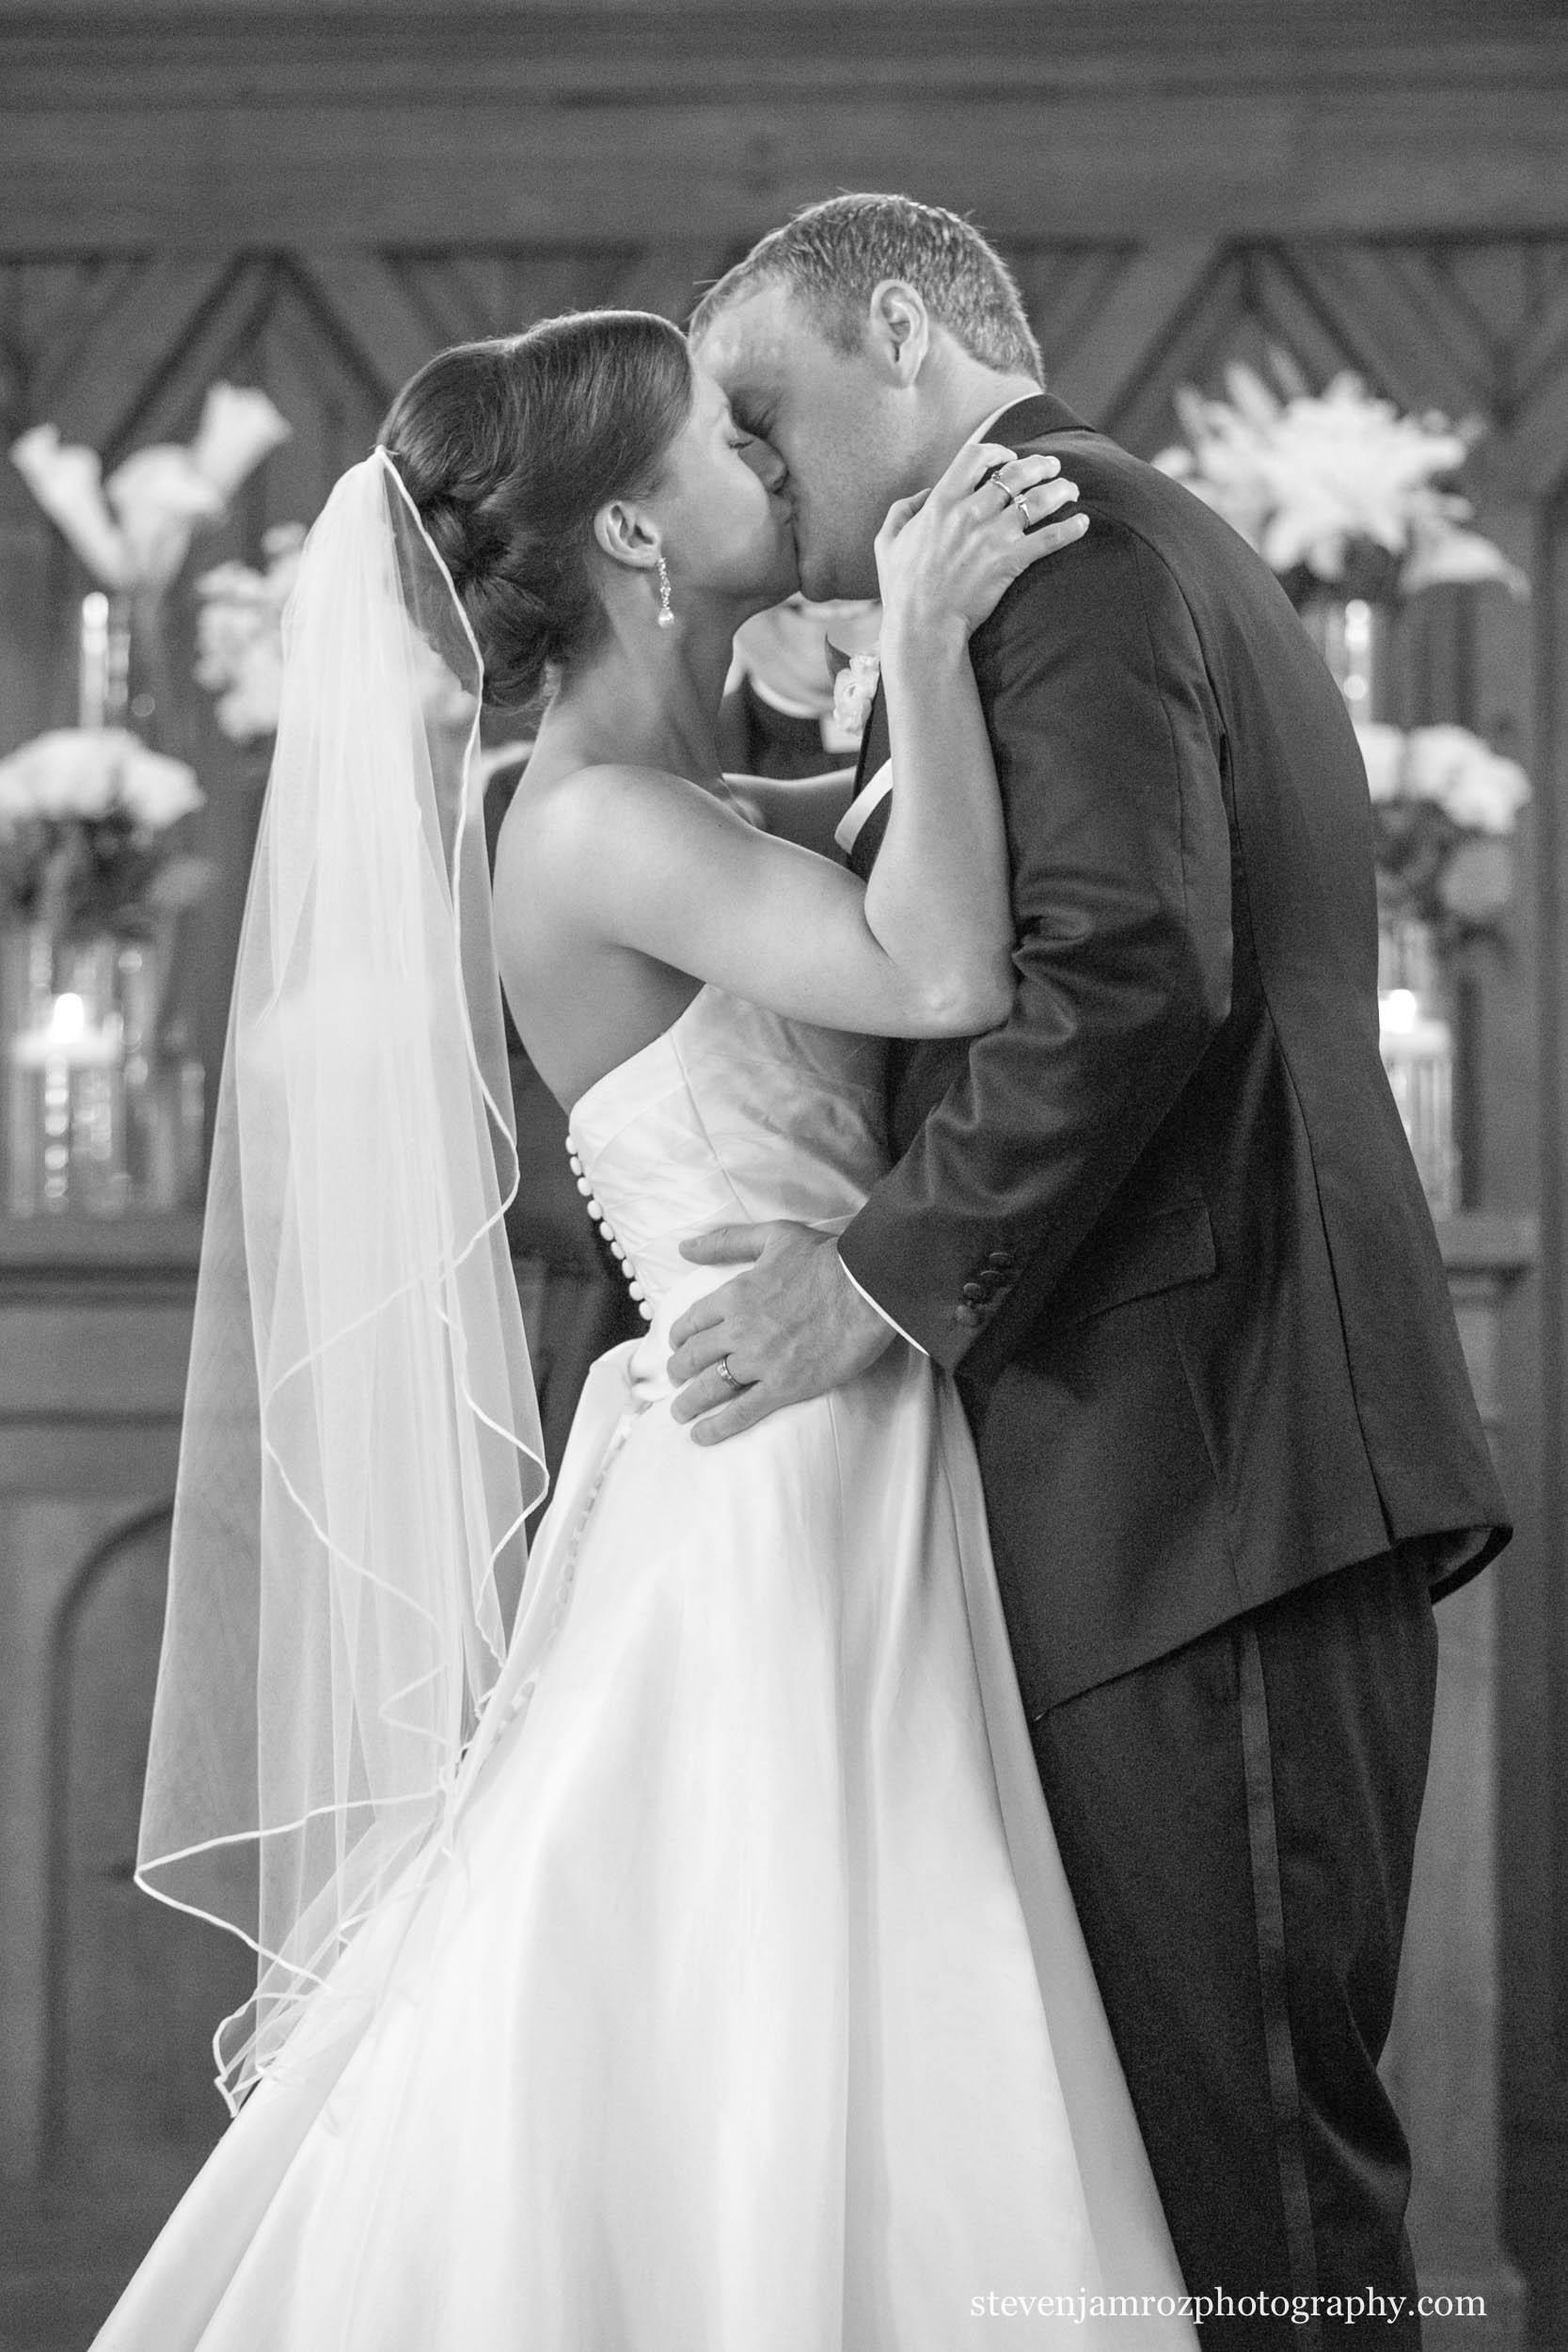 married-kiss-all-saints-chapel-raleigh-steven-jamroz-photography-0385.jpg